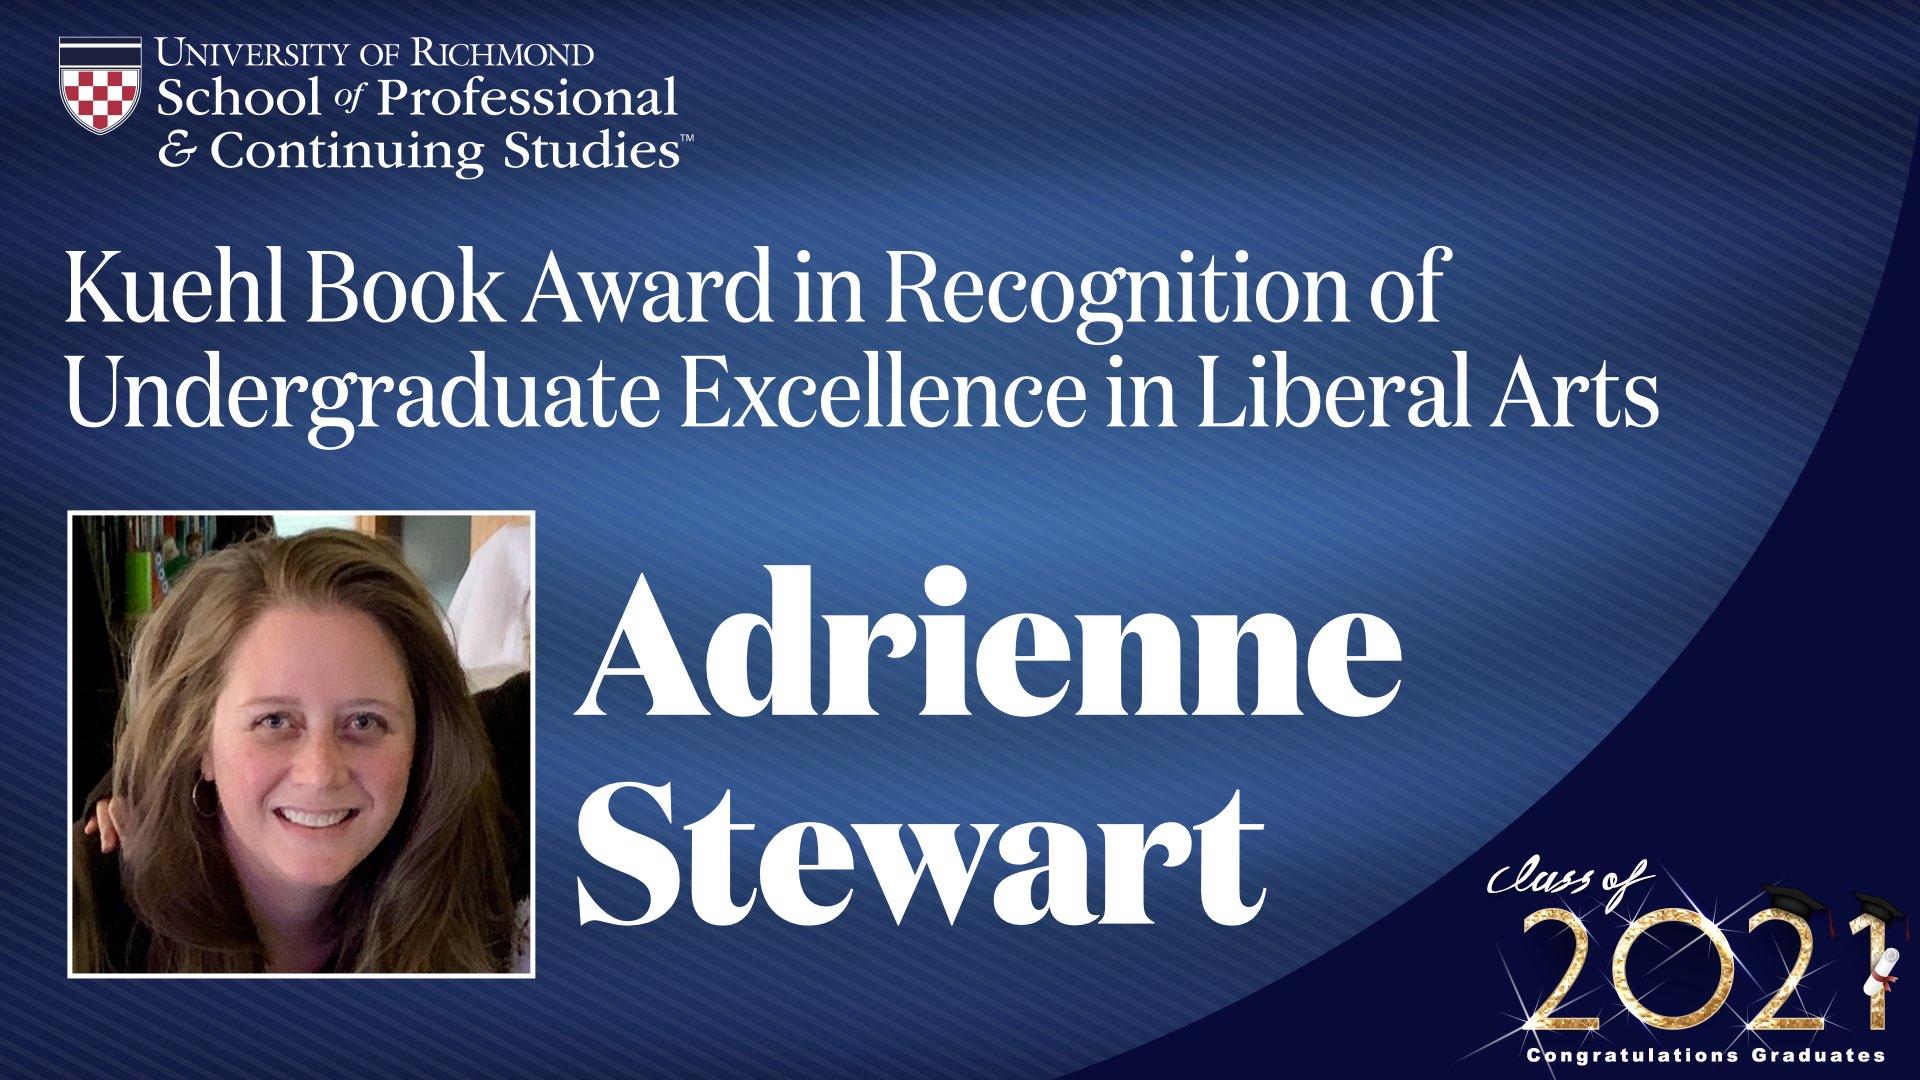 Adrienne Stewart headshot and award name